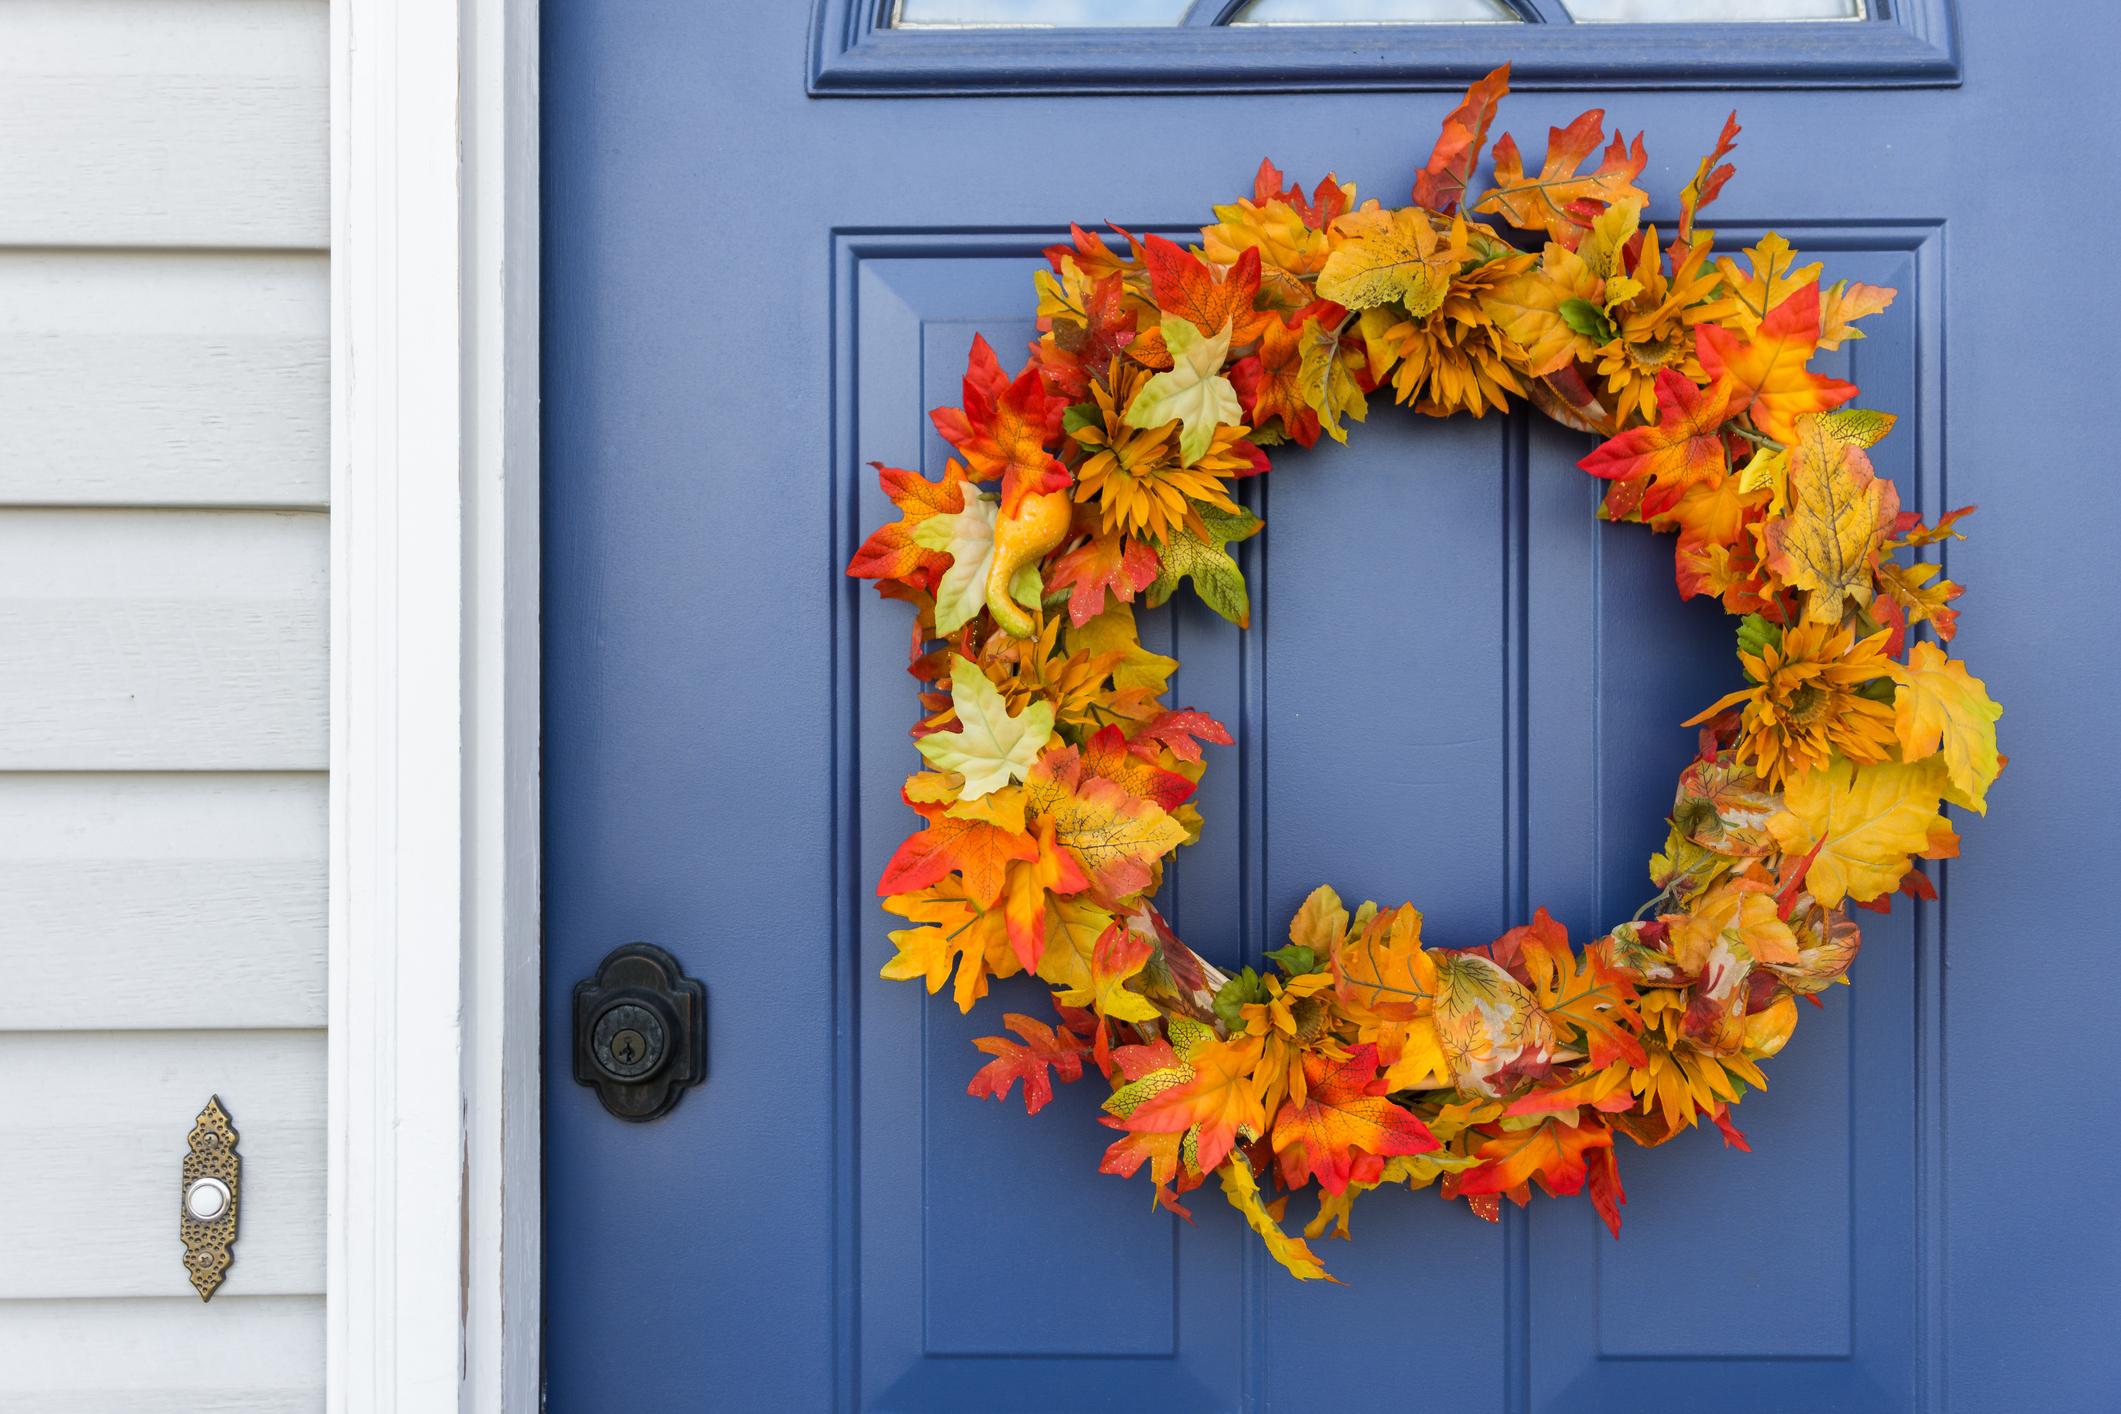 Home Decor Big Sales Door Wreath Summer Artificial Tulip Front Door Wreath with Leaves Front Door Wall Decor